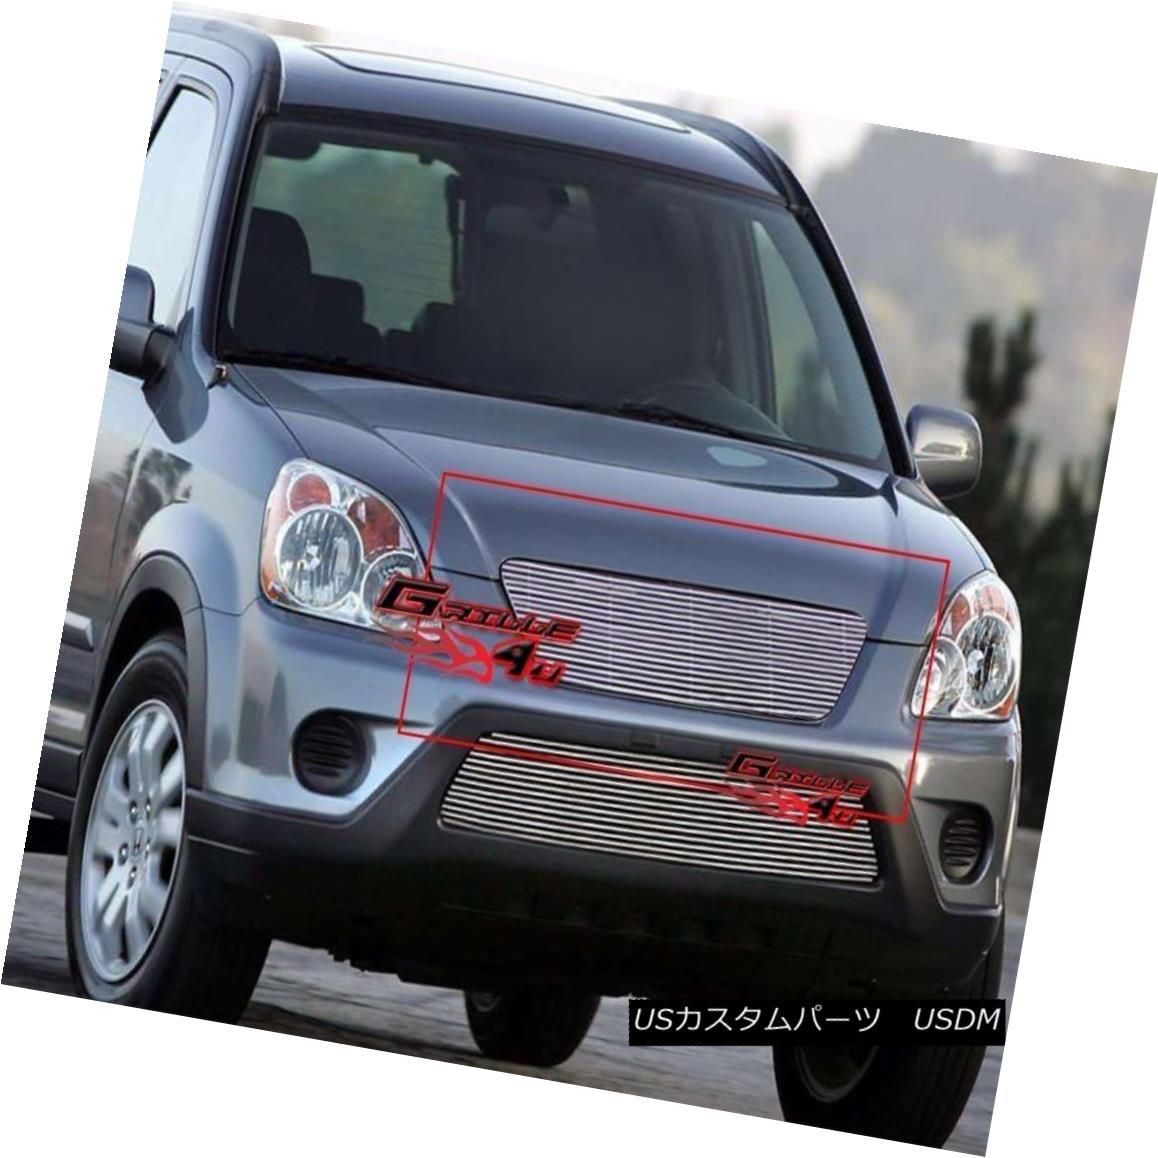 グリル Fits 2005-2006 Honda CR-V Billet Grille Insert ホンダCR-Vビレットグリルインサート2005-2006に適合